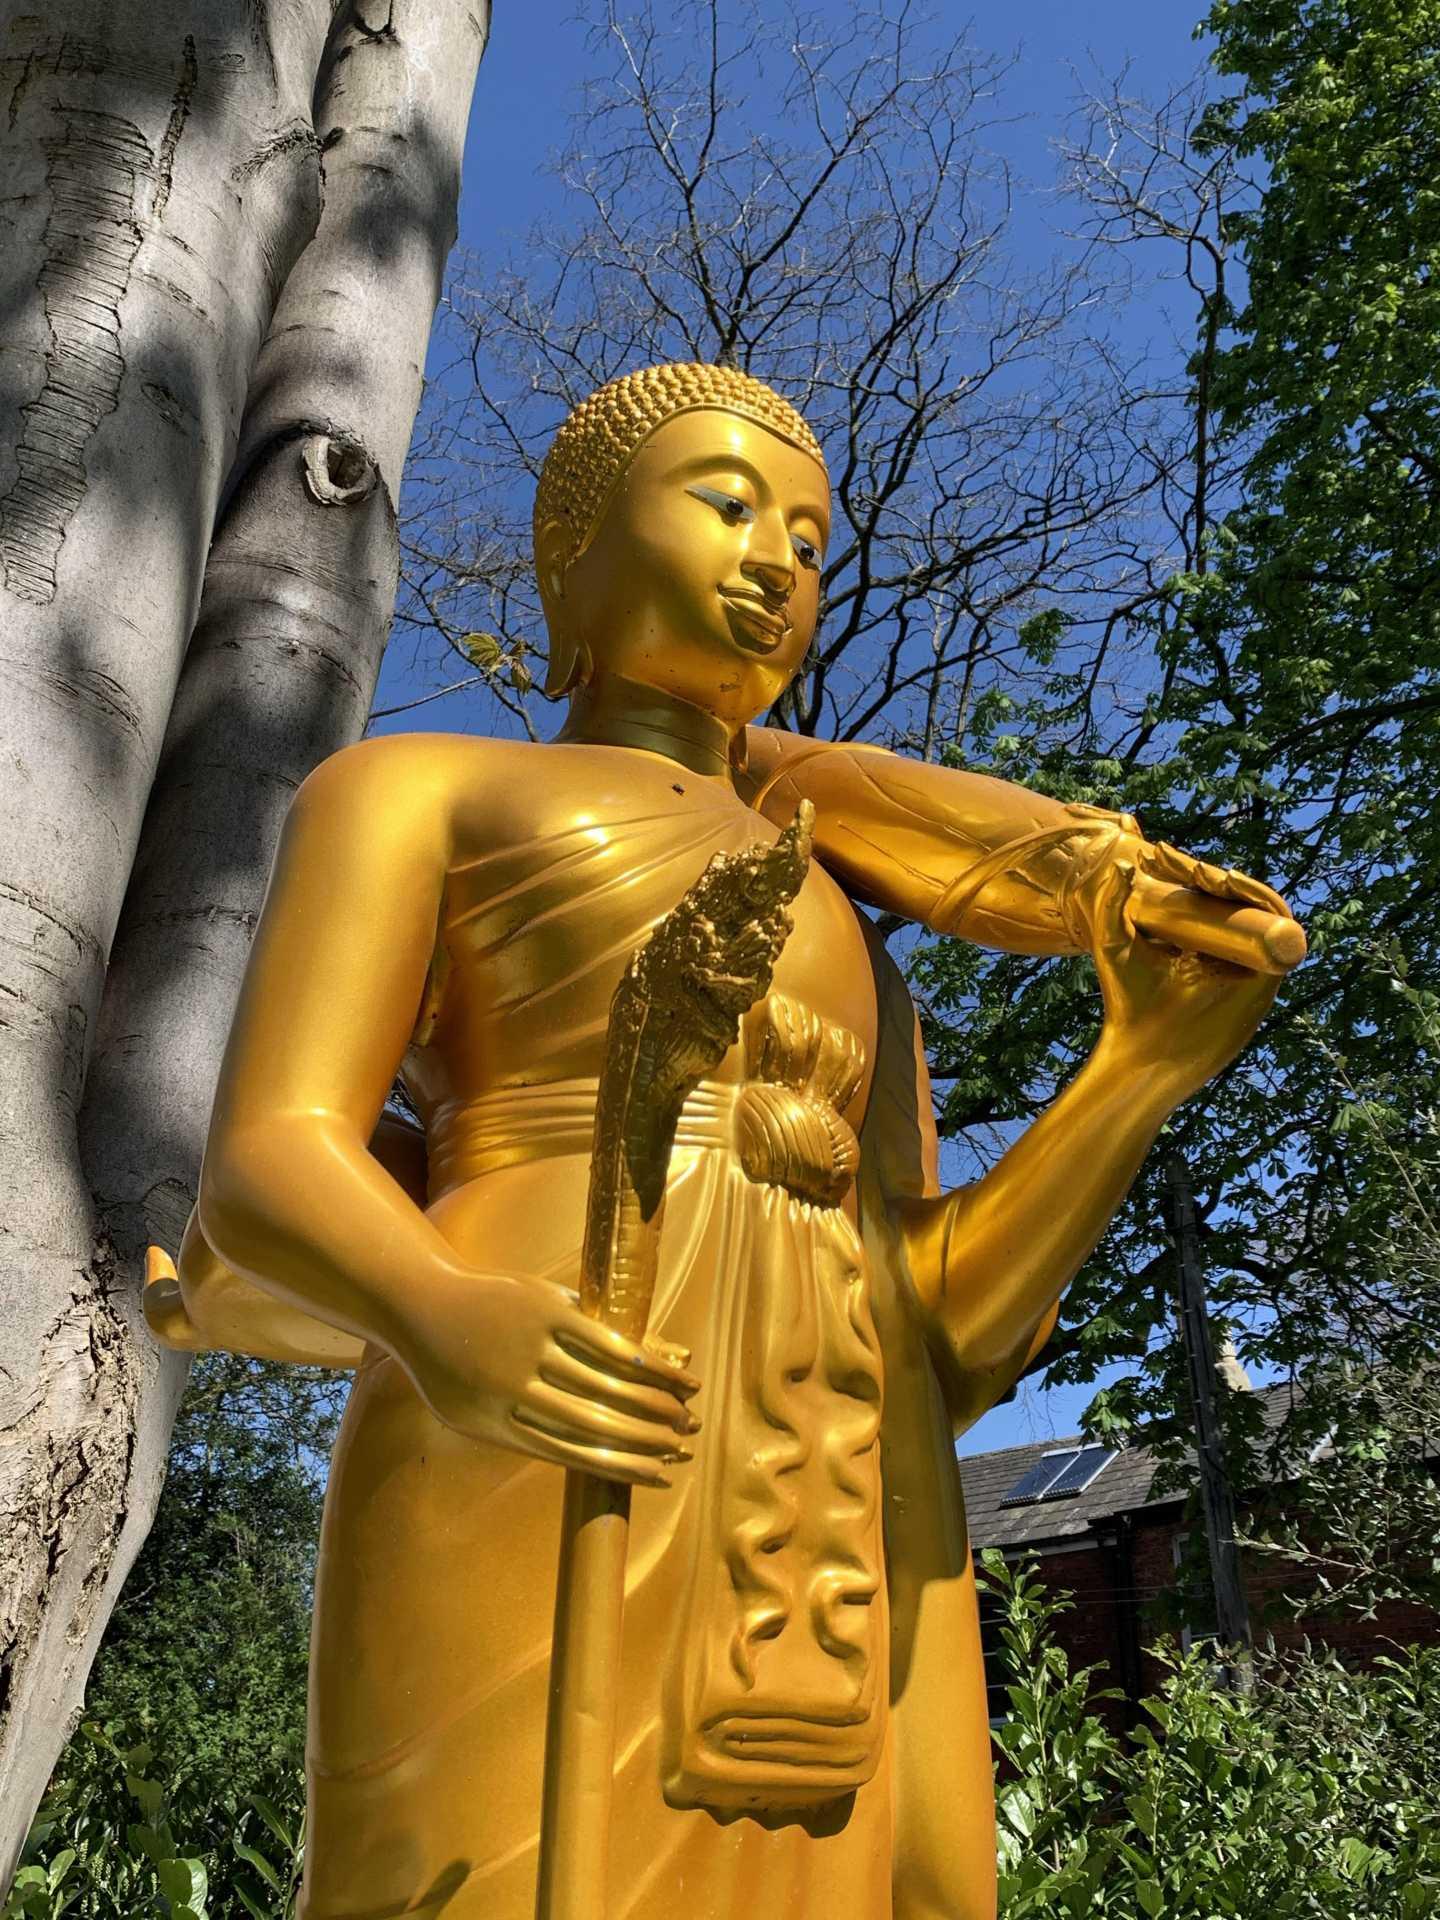 Wat Buddharam Statue